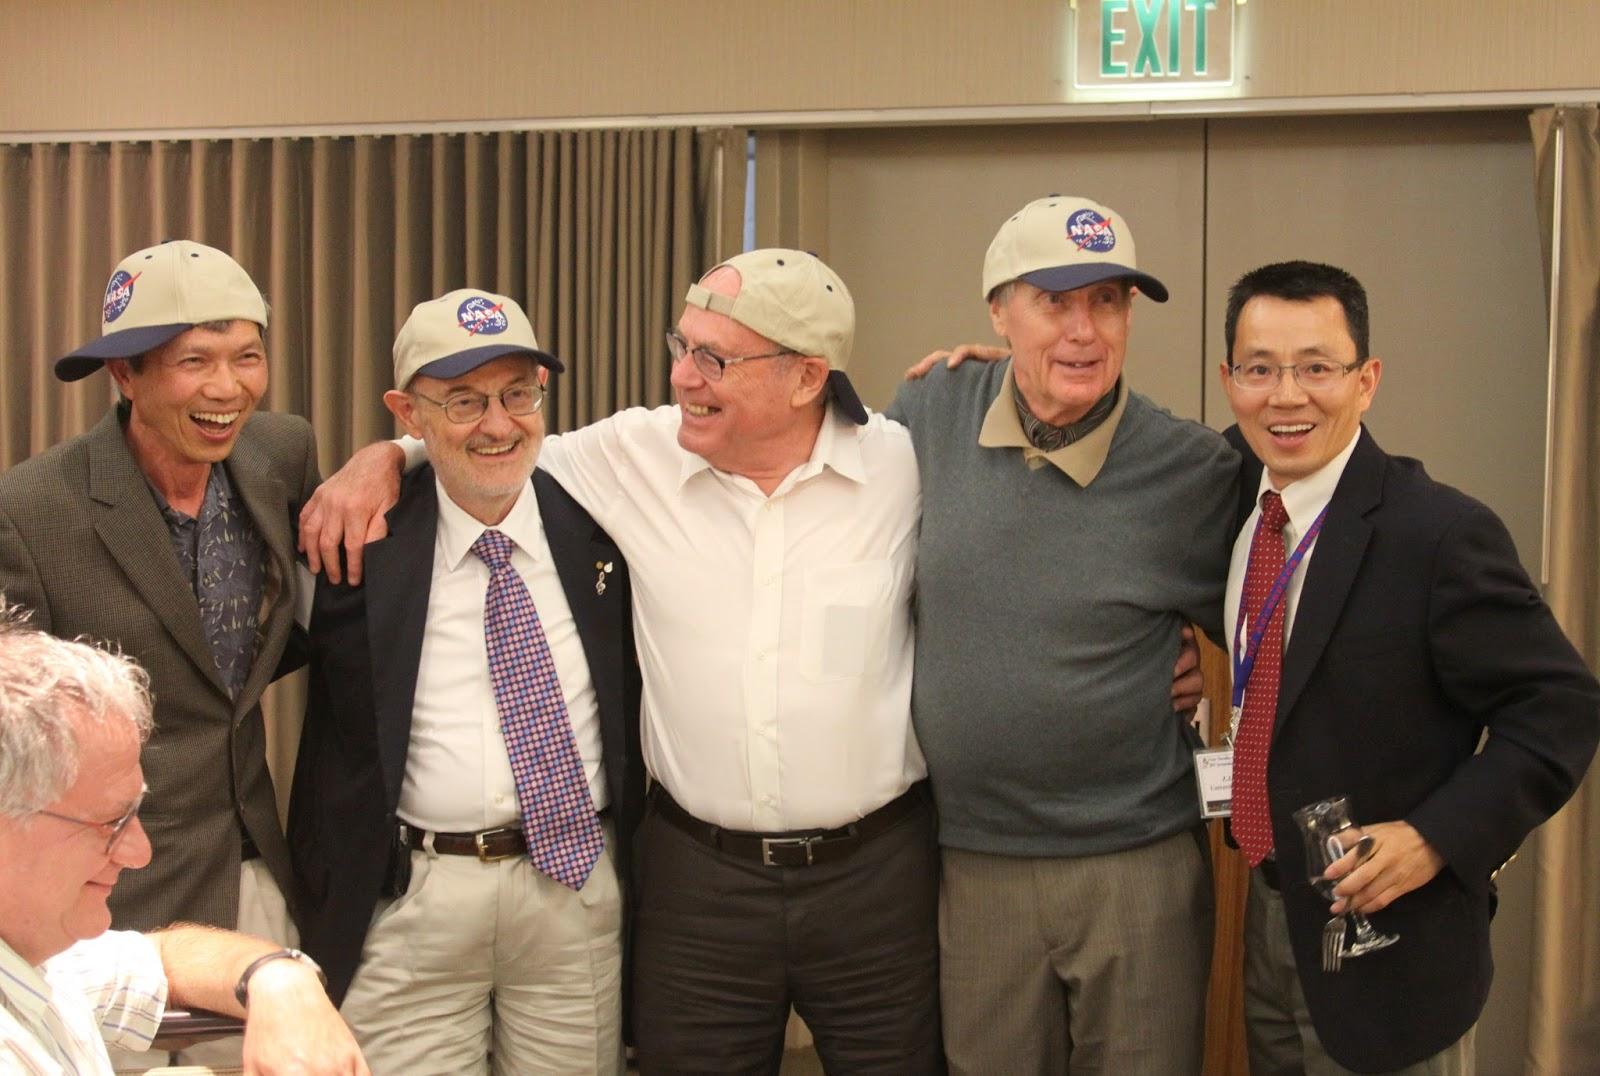 d474839f32b A Joyous Moment with the NASA Caps, L-R: H.T. Huynh, Bram van Leer, Phil  Roe, Antony Jameson and Z.J. Wang